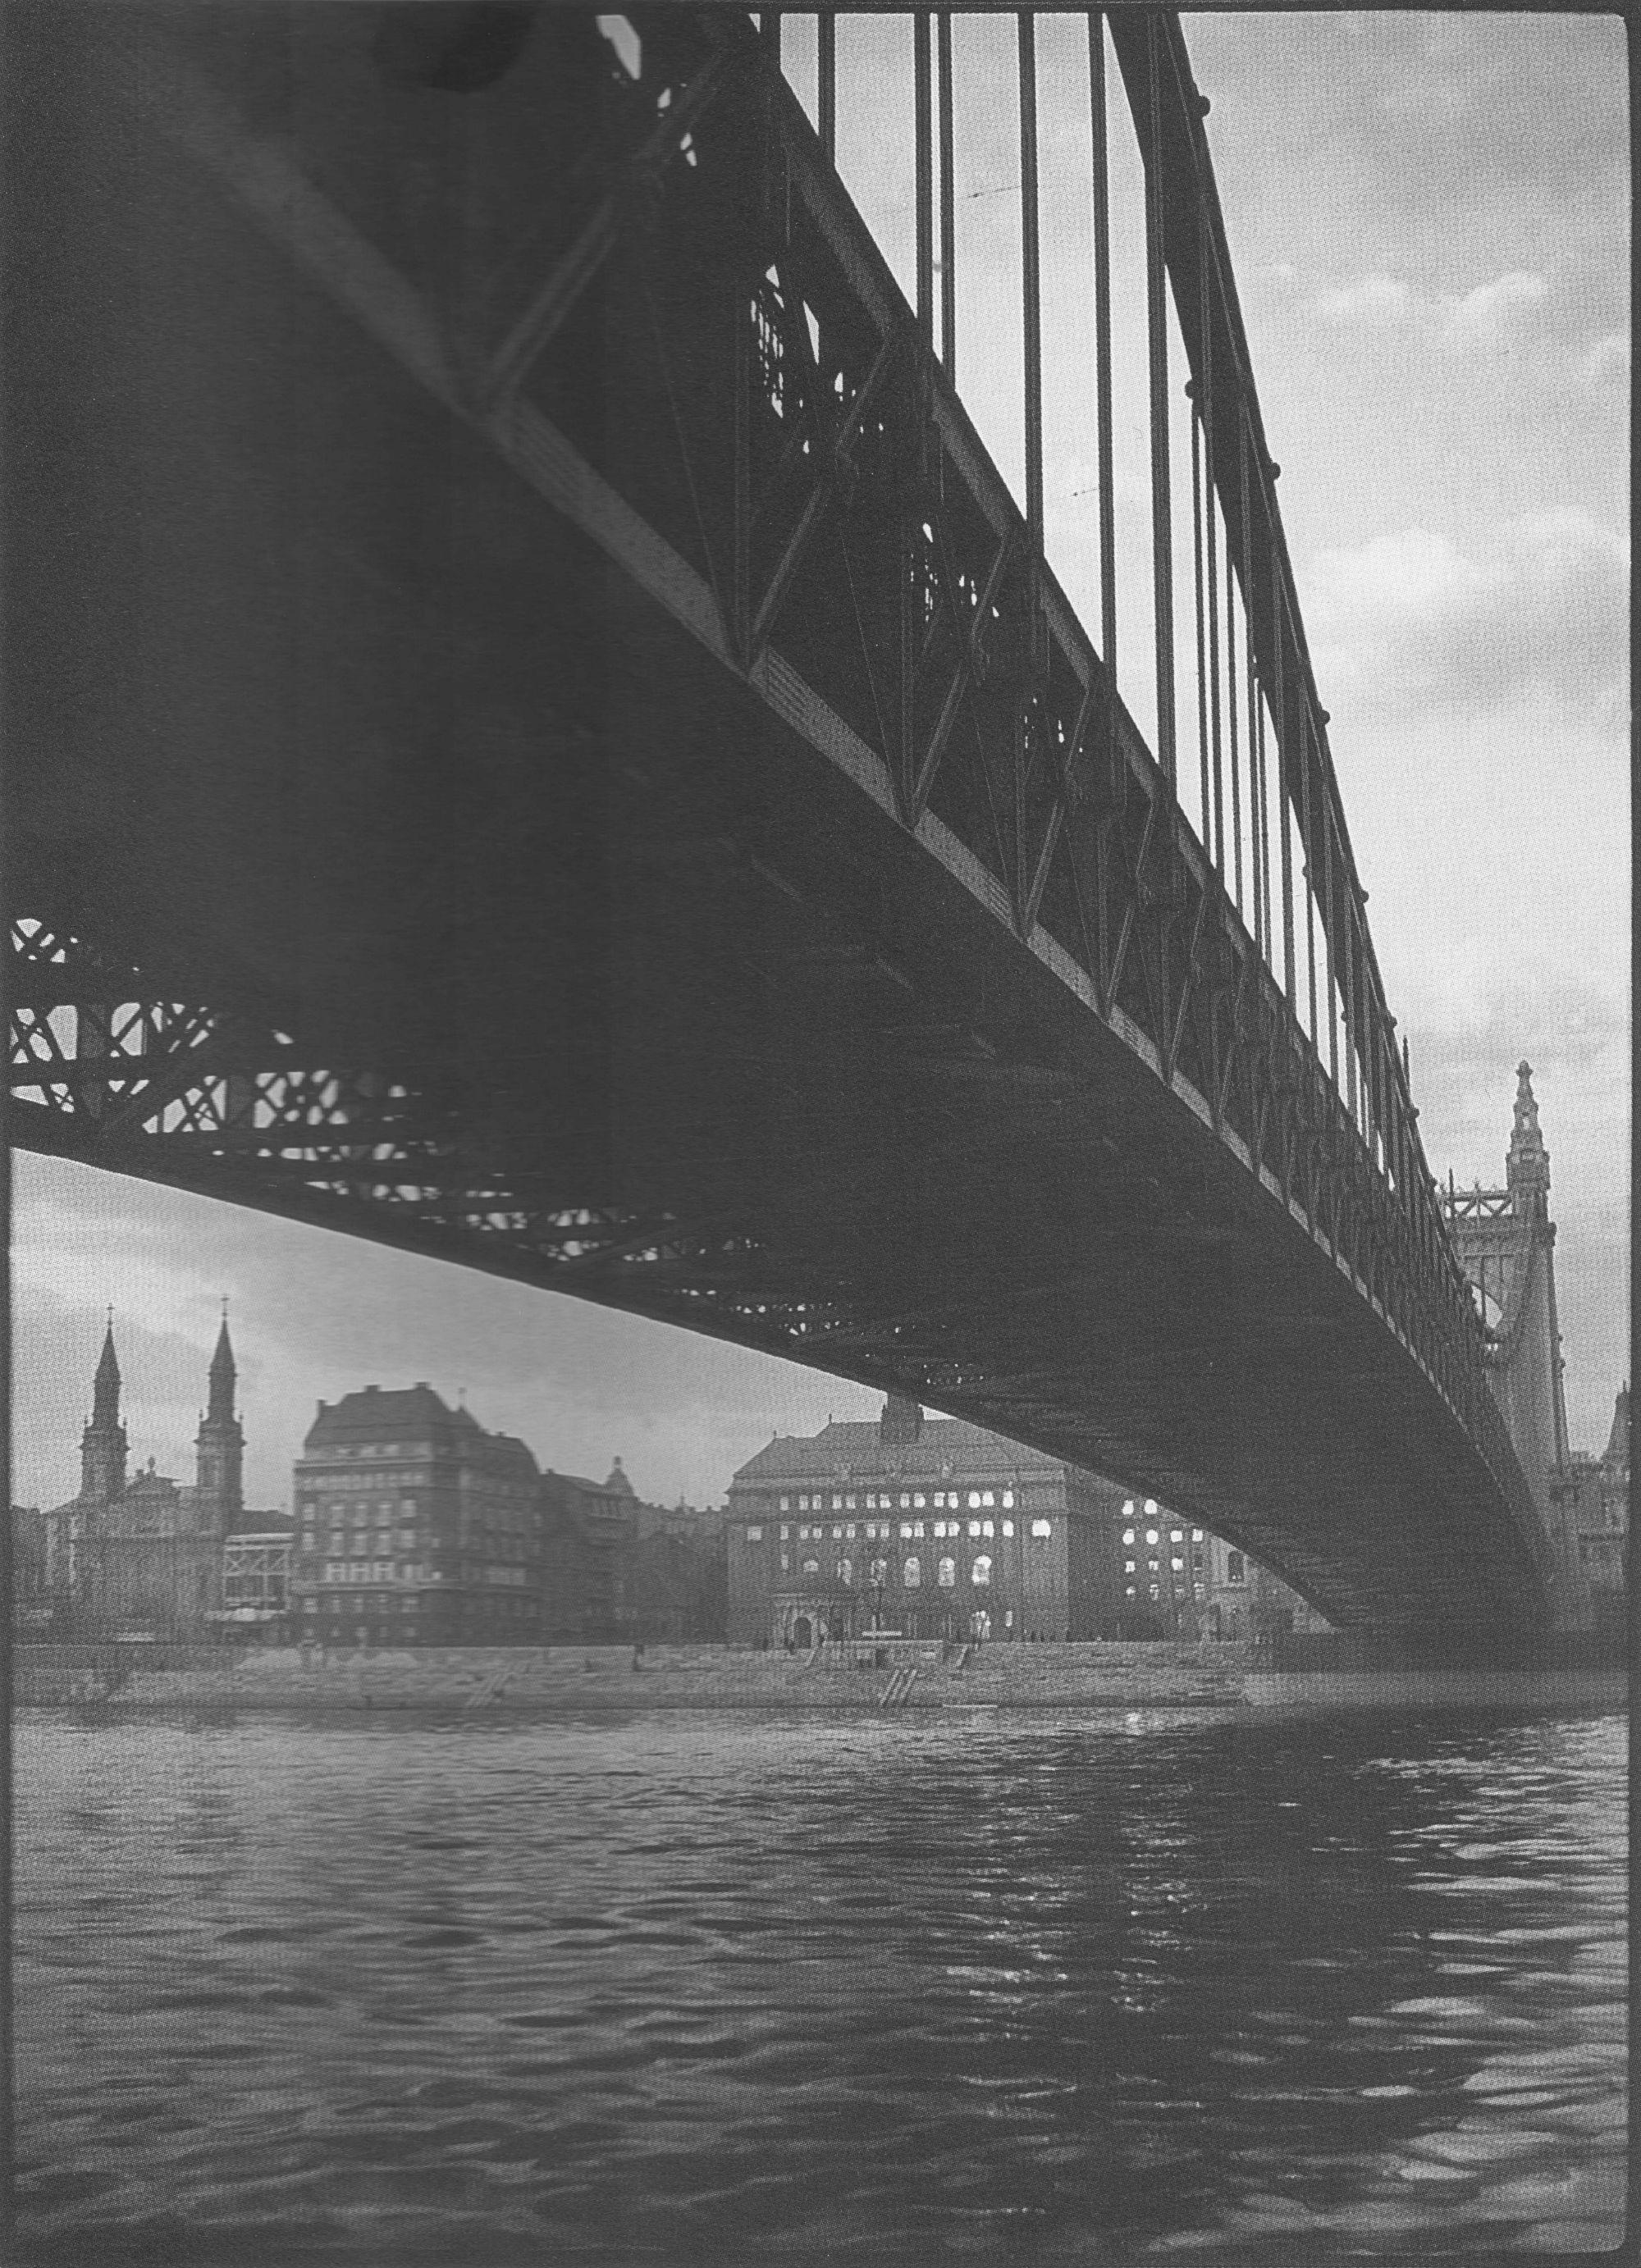 Fotó: Dulovits Jenő: Erzsébet-híd, 1930-as évek vége © Fejér Zoltán gyűjteménye